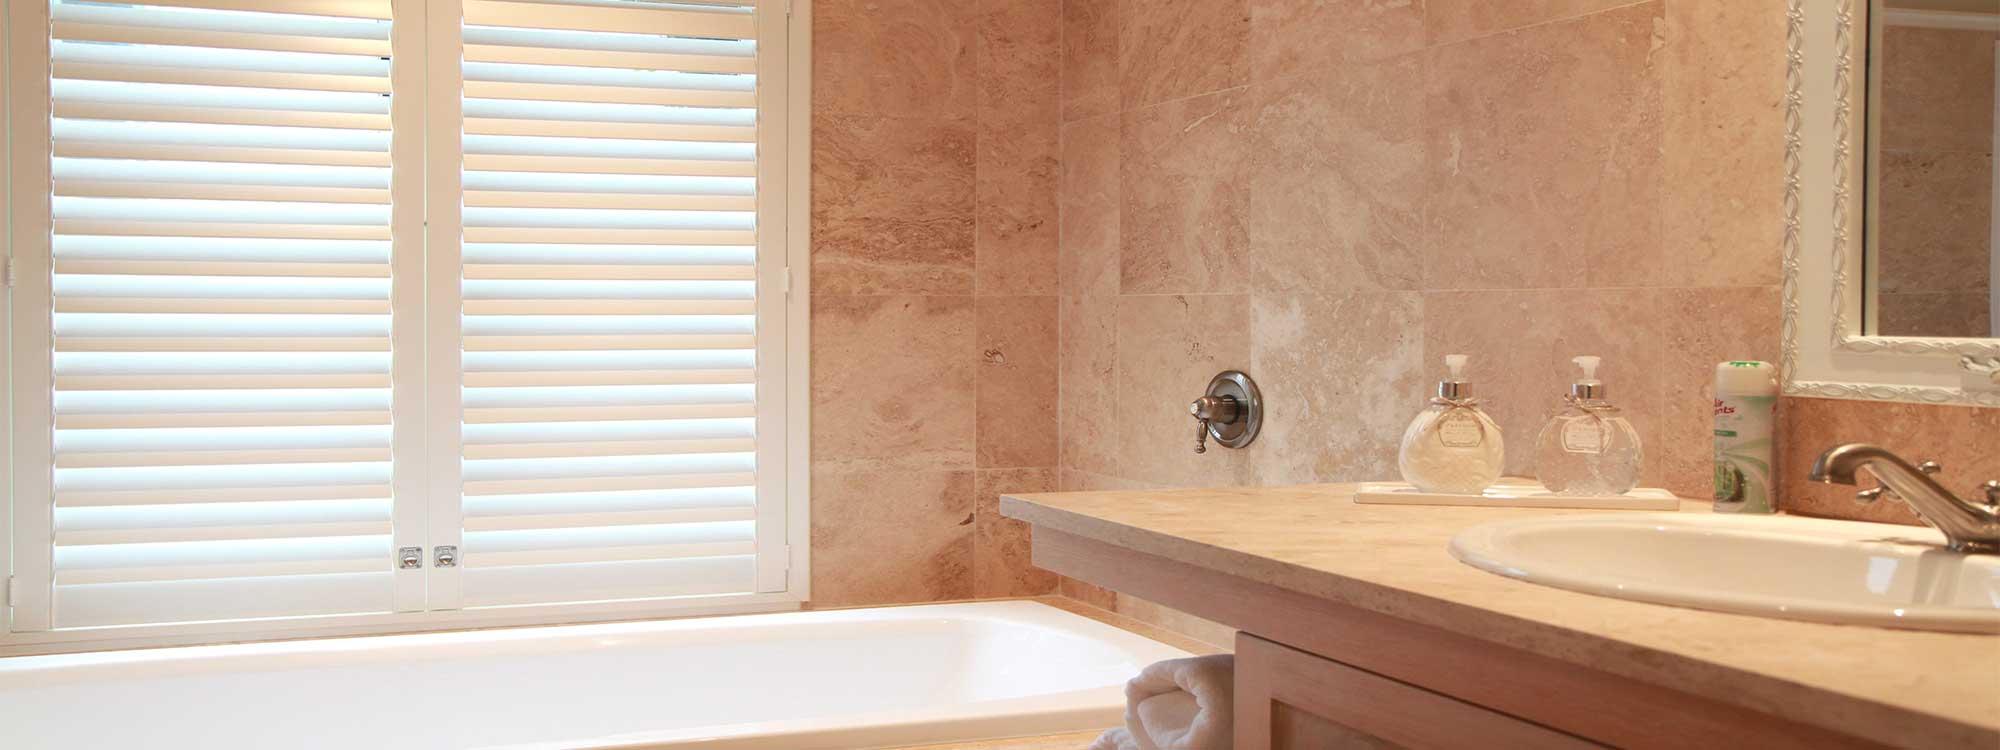 Decowood-shutters-bathroom-bath-sink